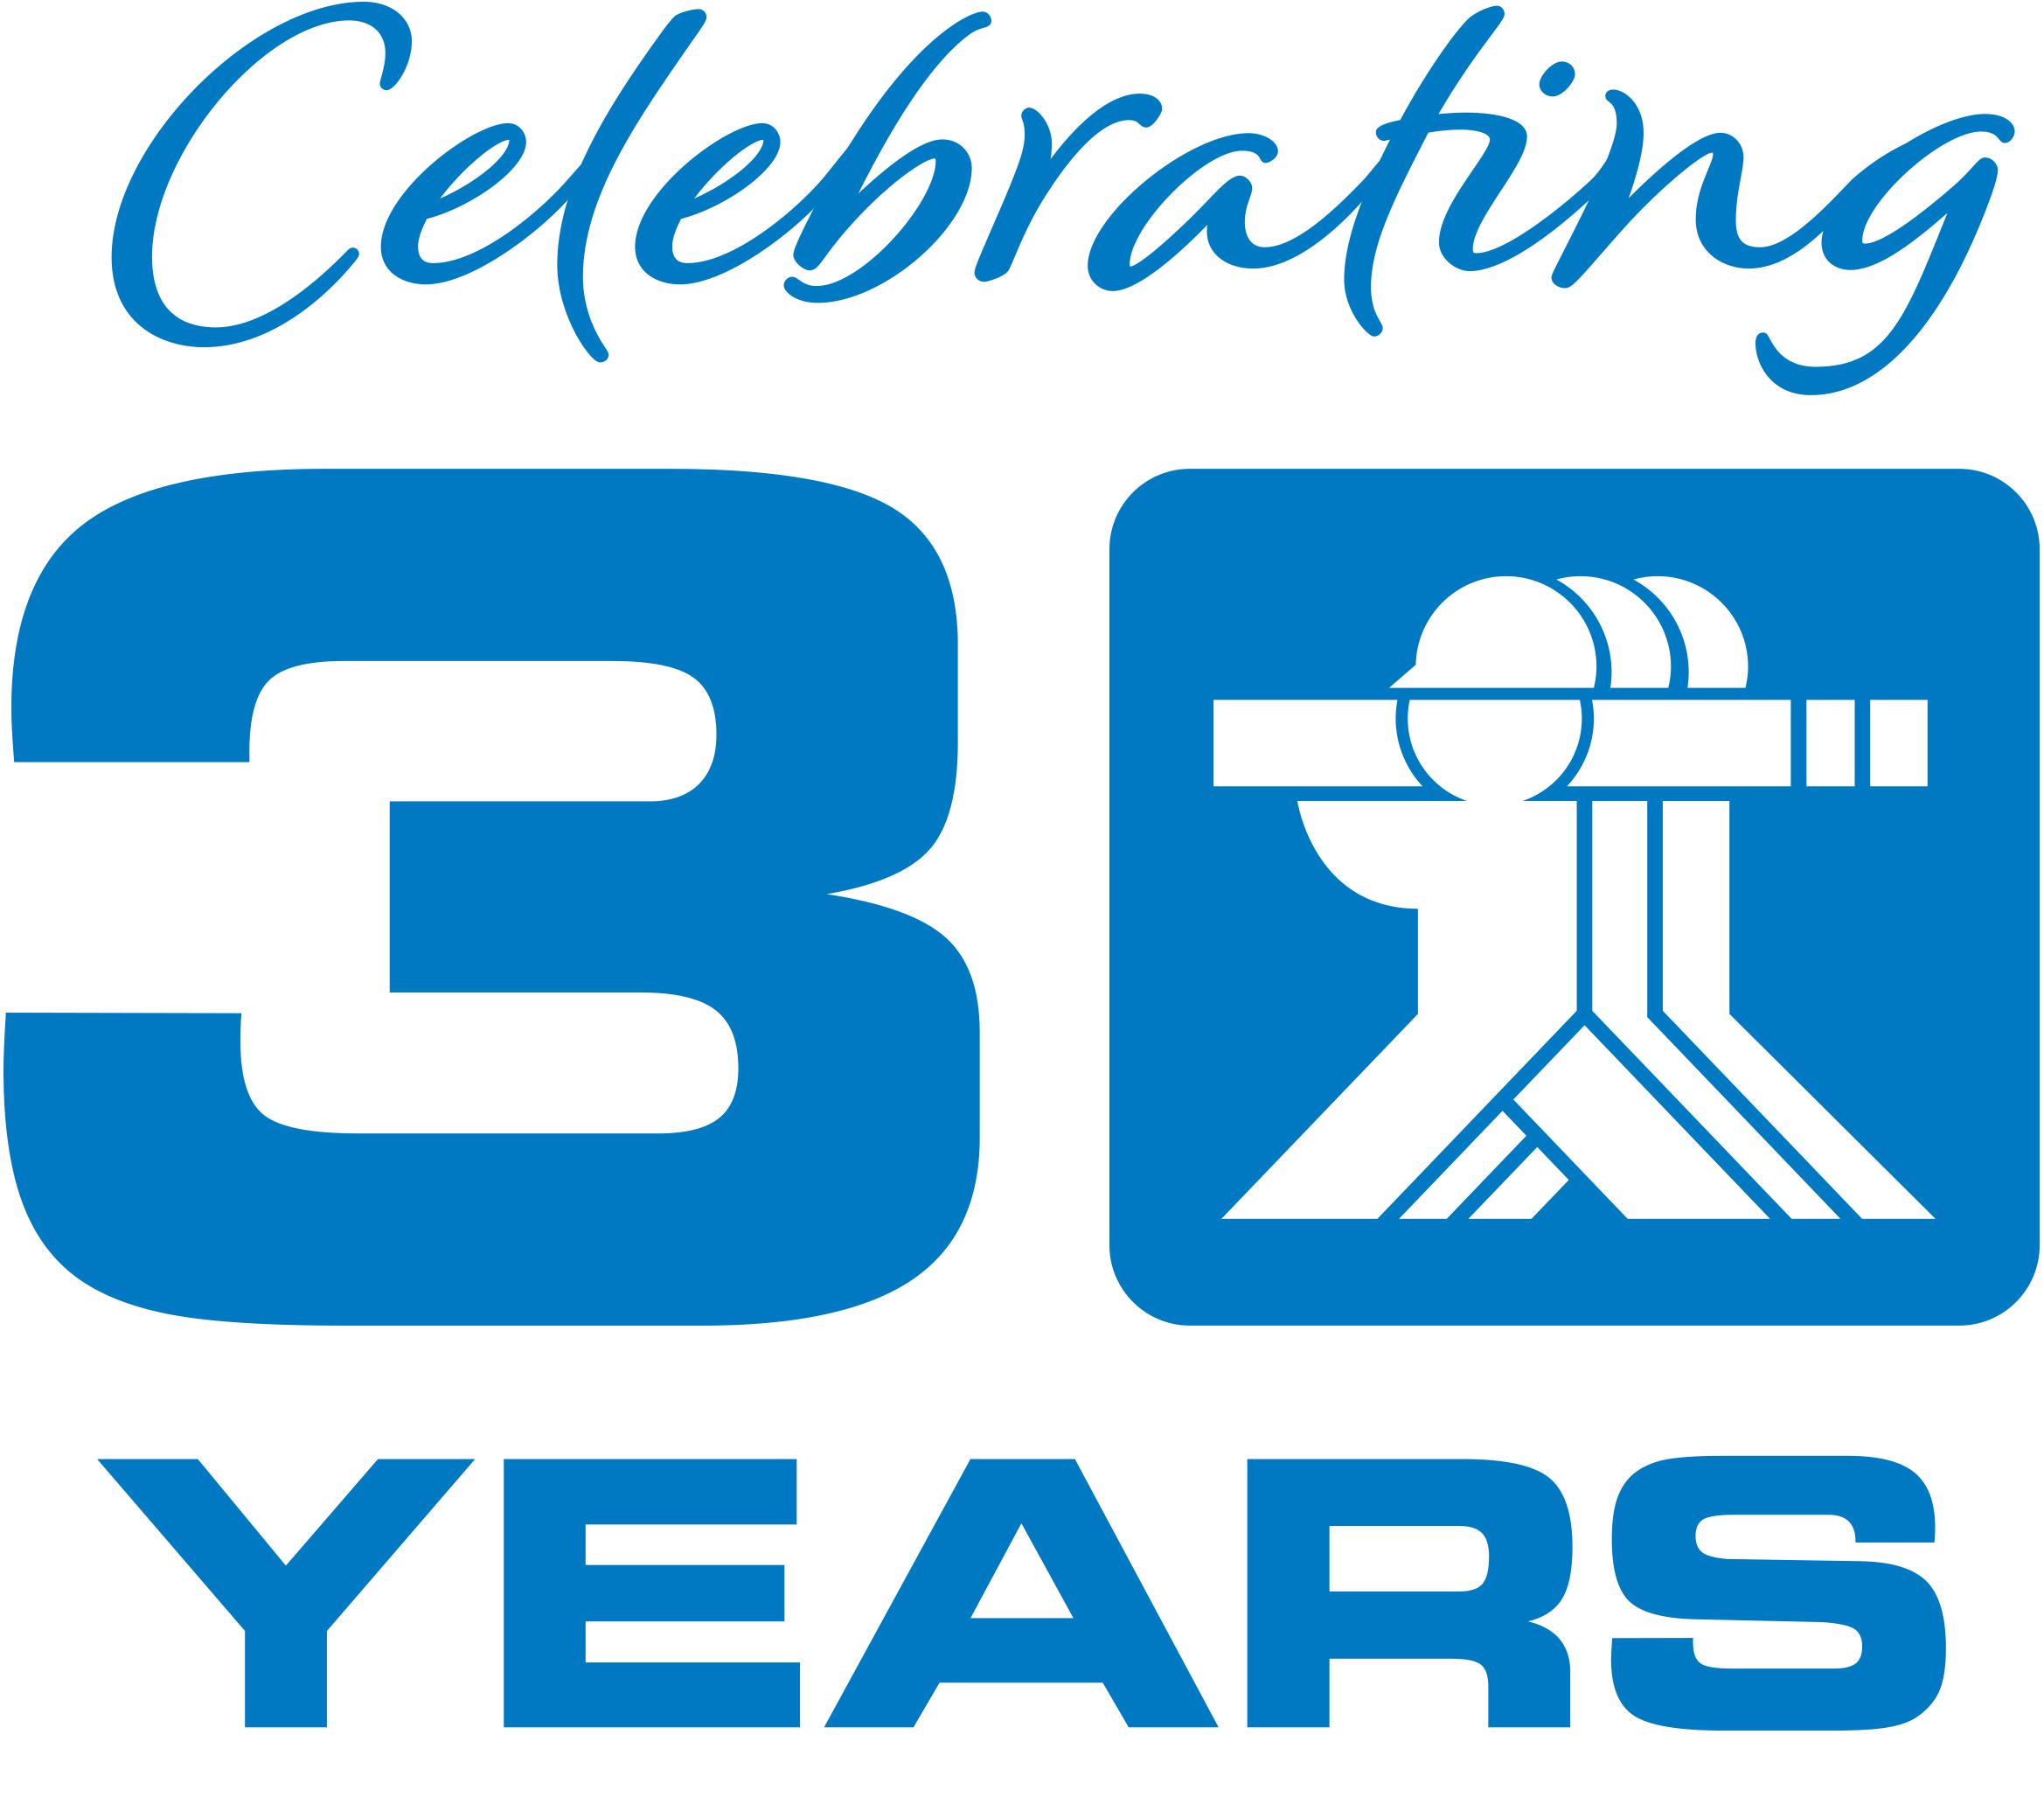 Achen-Gardner 30th Anniversary Logo - BLUE.jpg